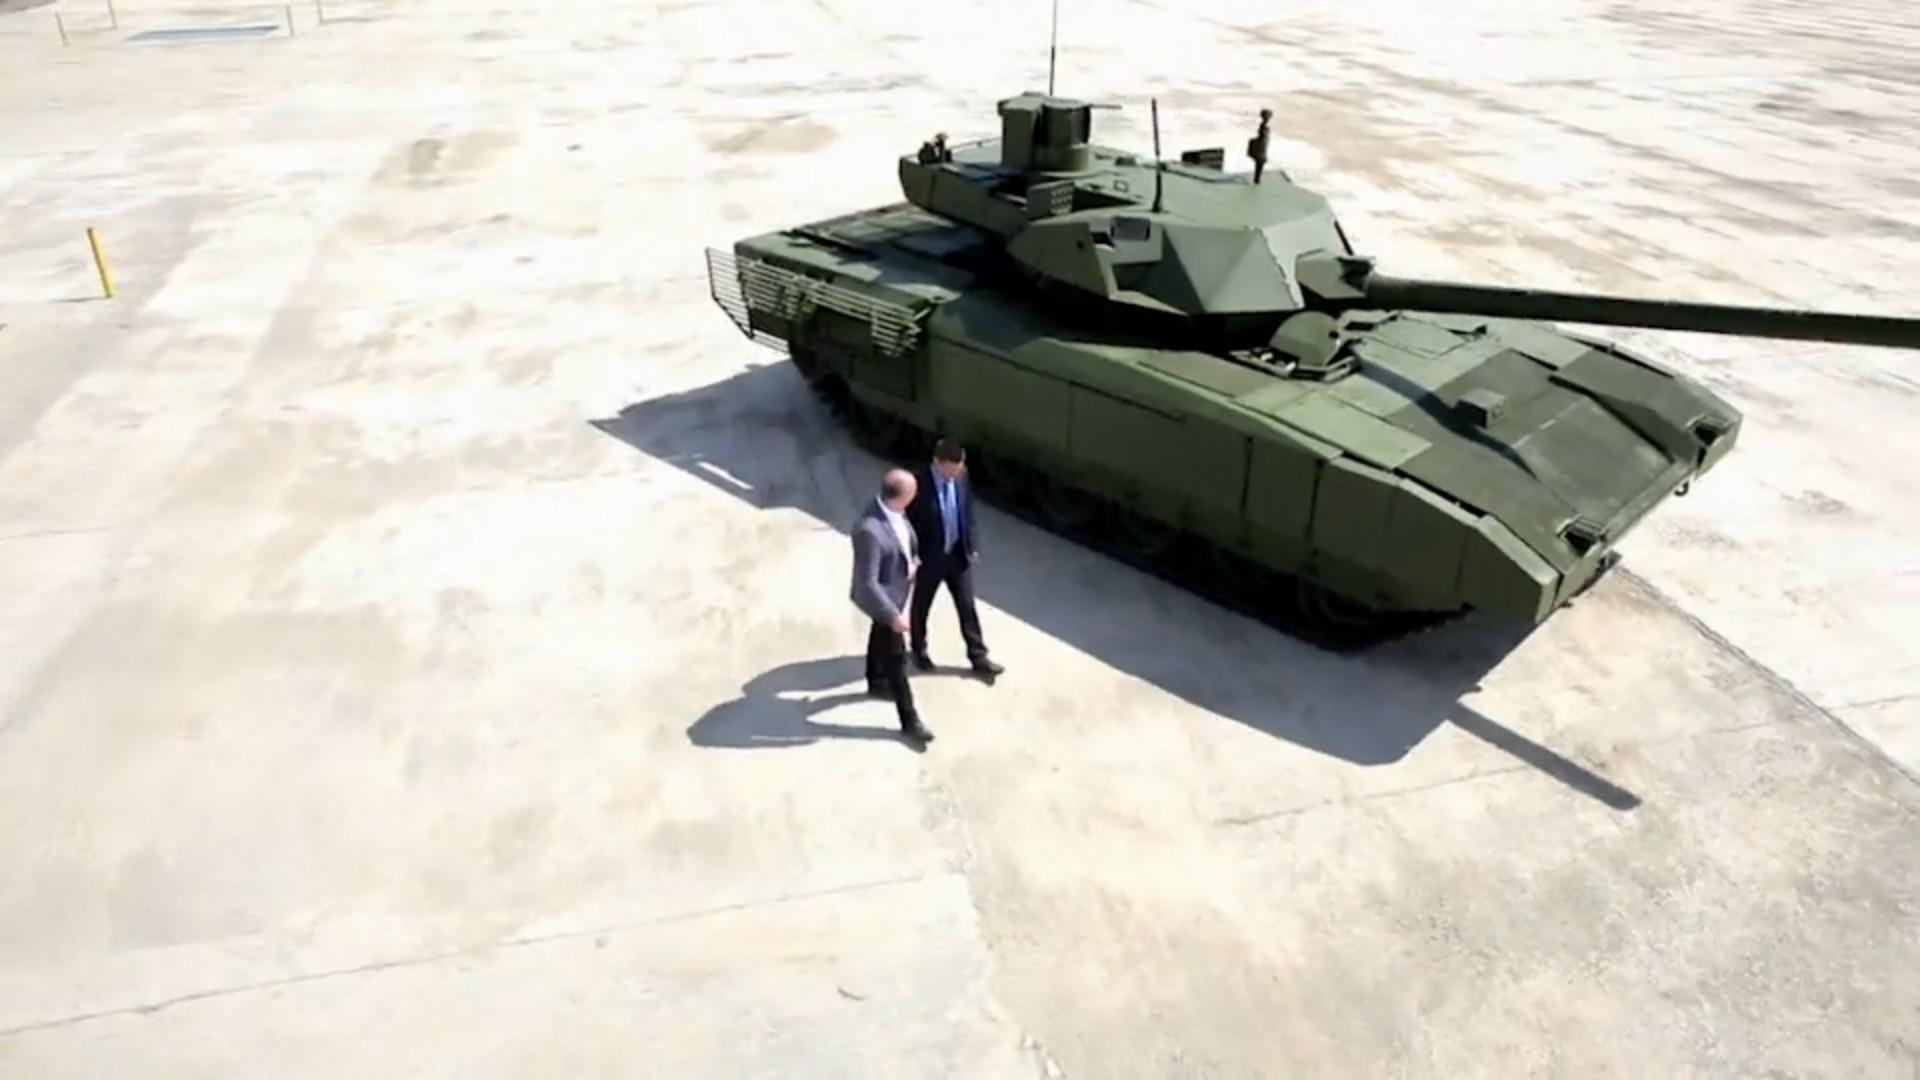 El nuevo ejército ruso... - Página 11 8AkO4